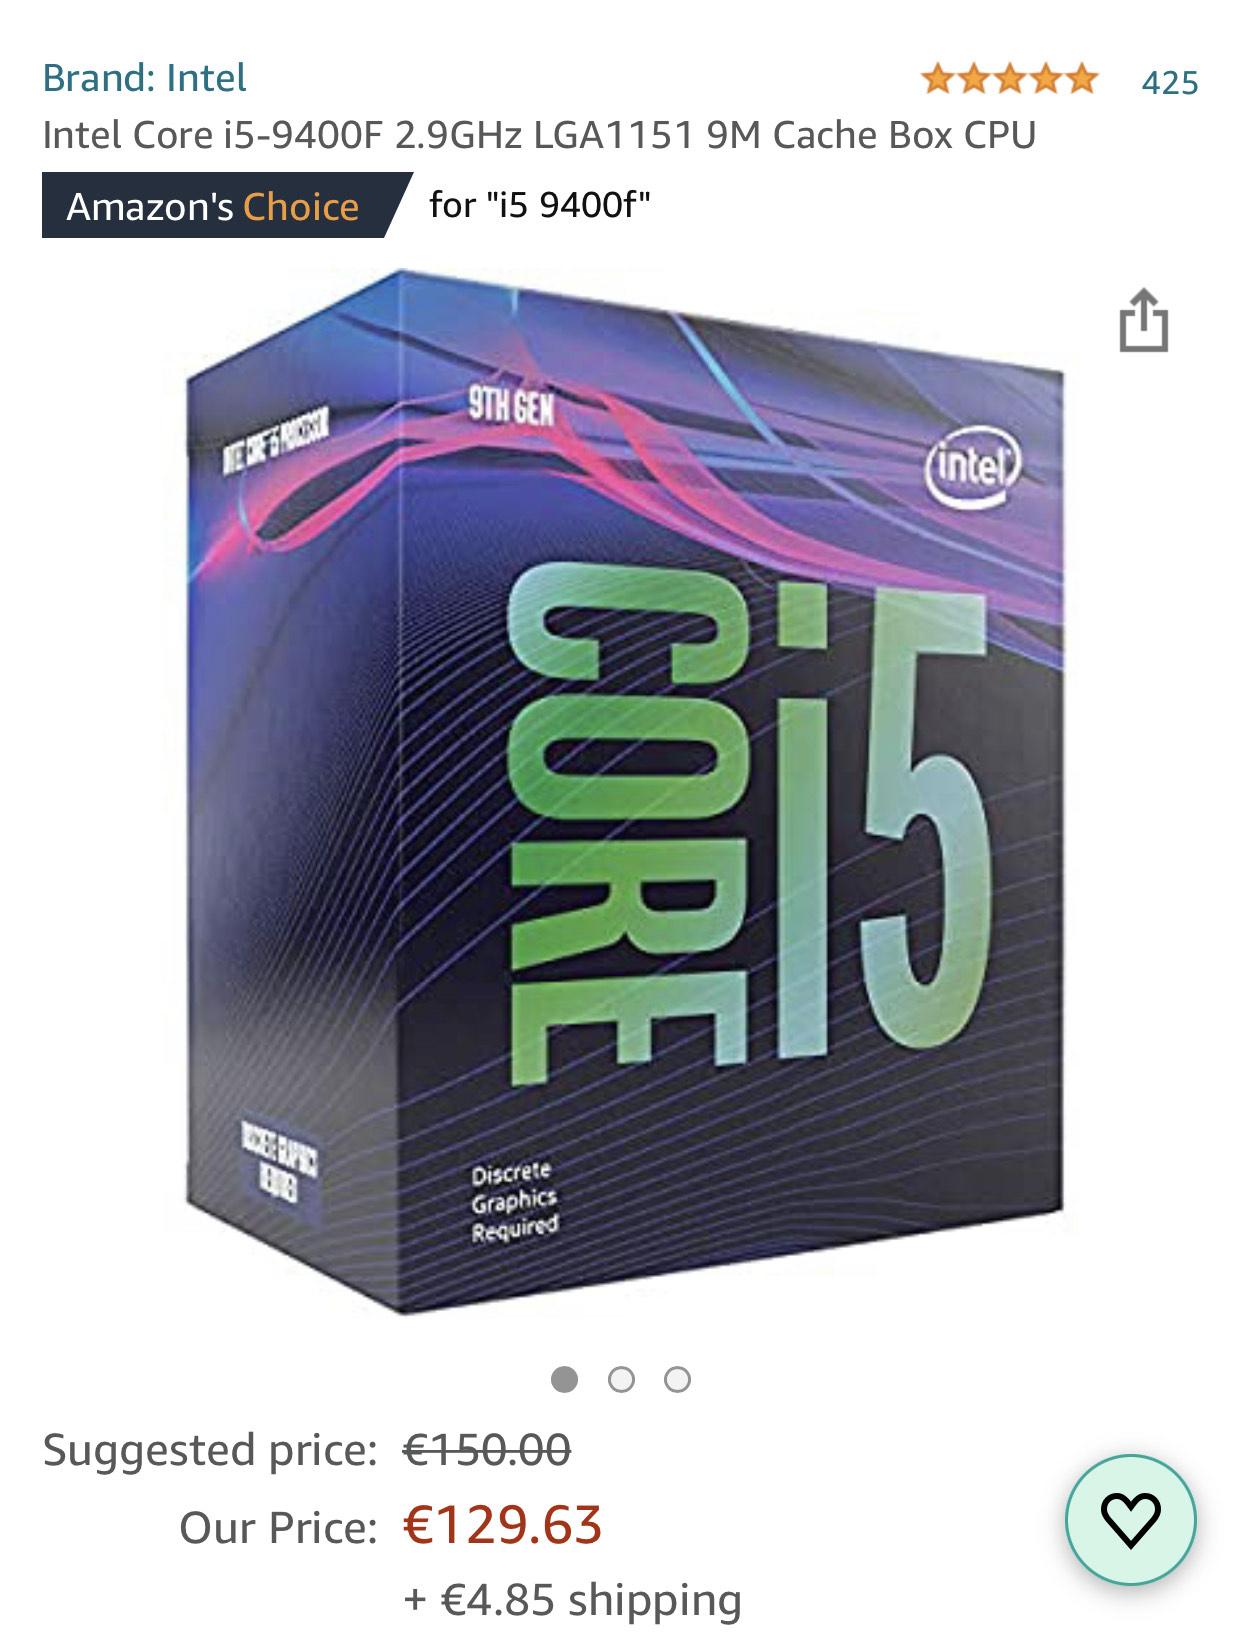 Processeur Intel Core i5-9400F - 2.9 GHz, mode Turbo à 4.1 GHz